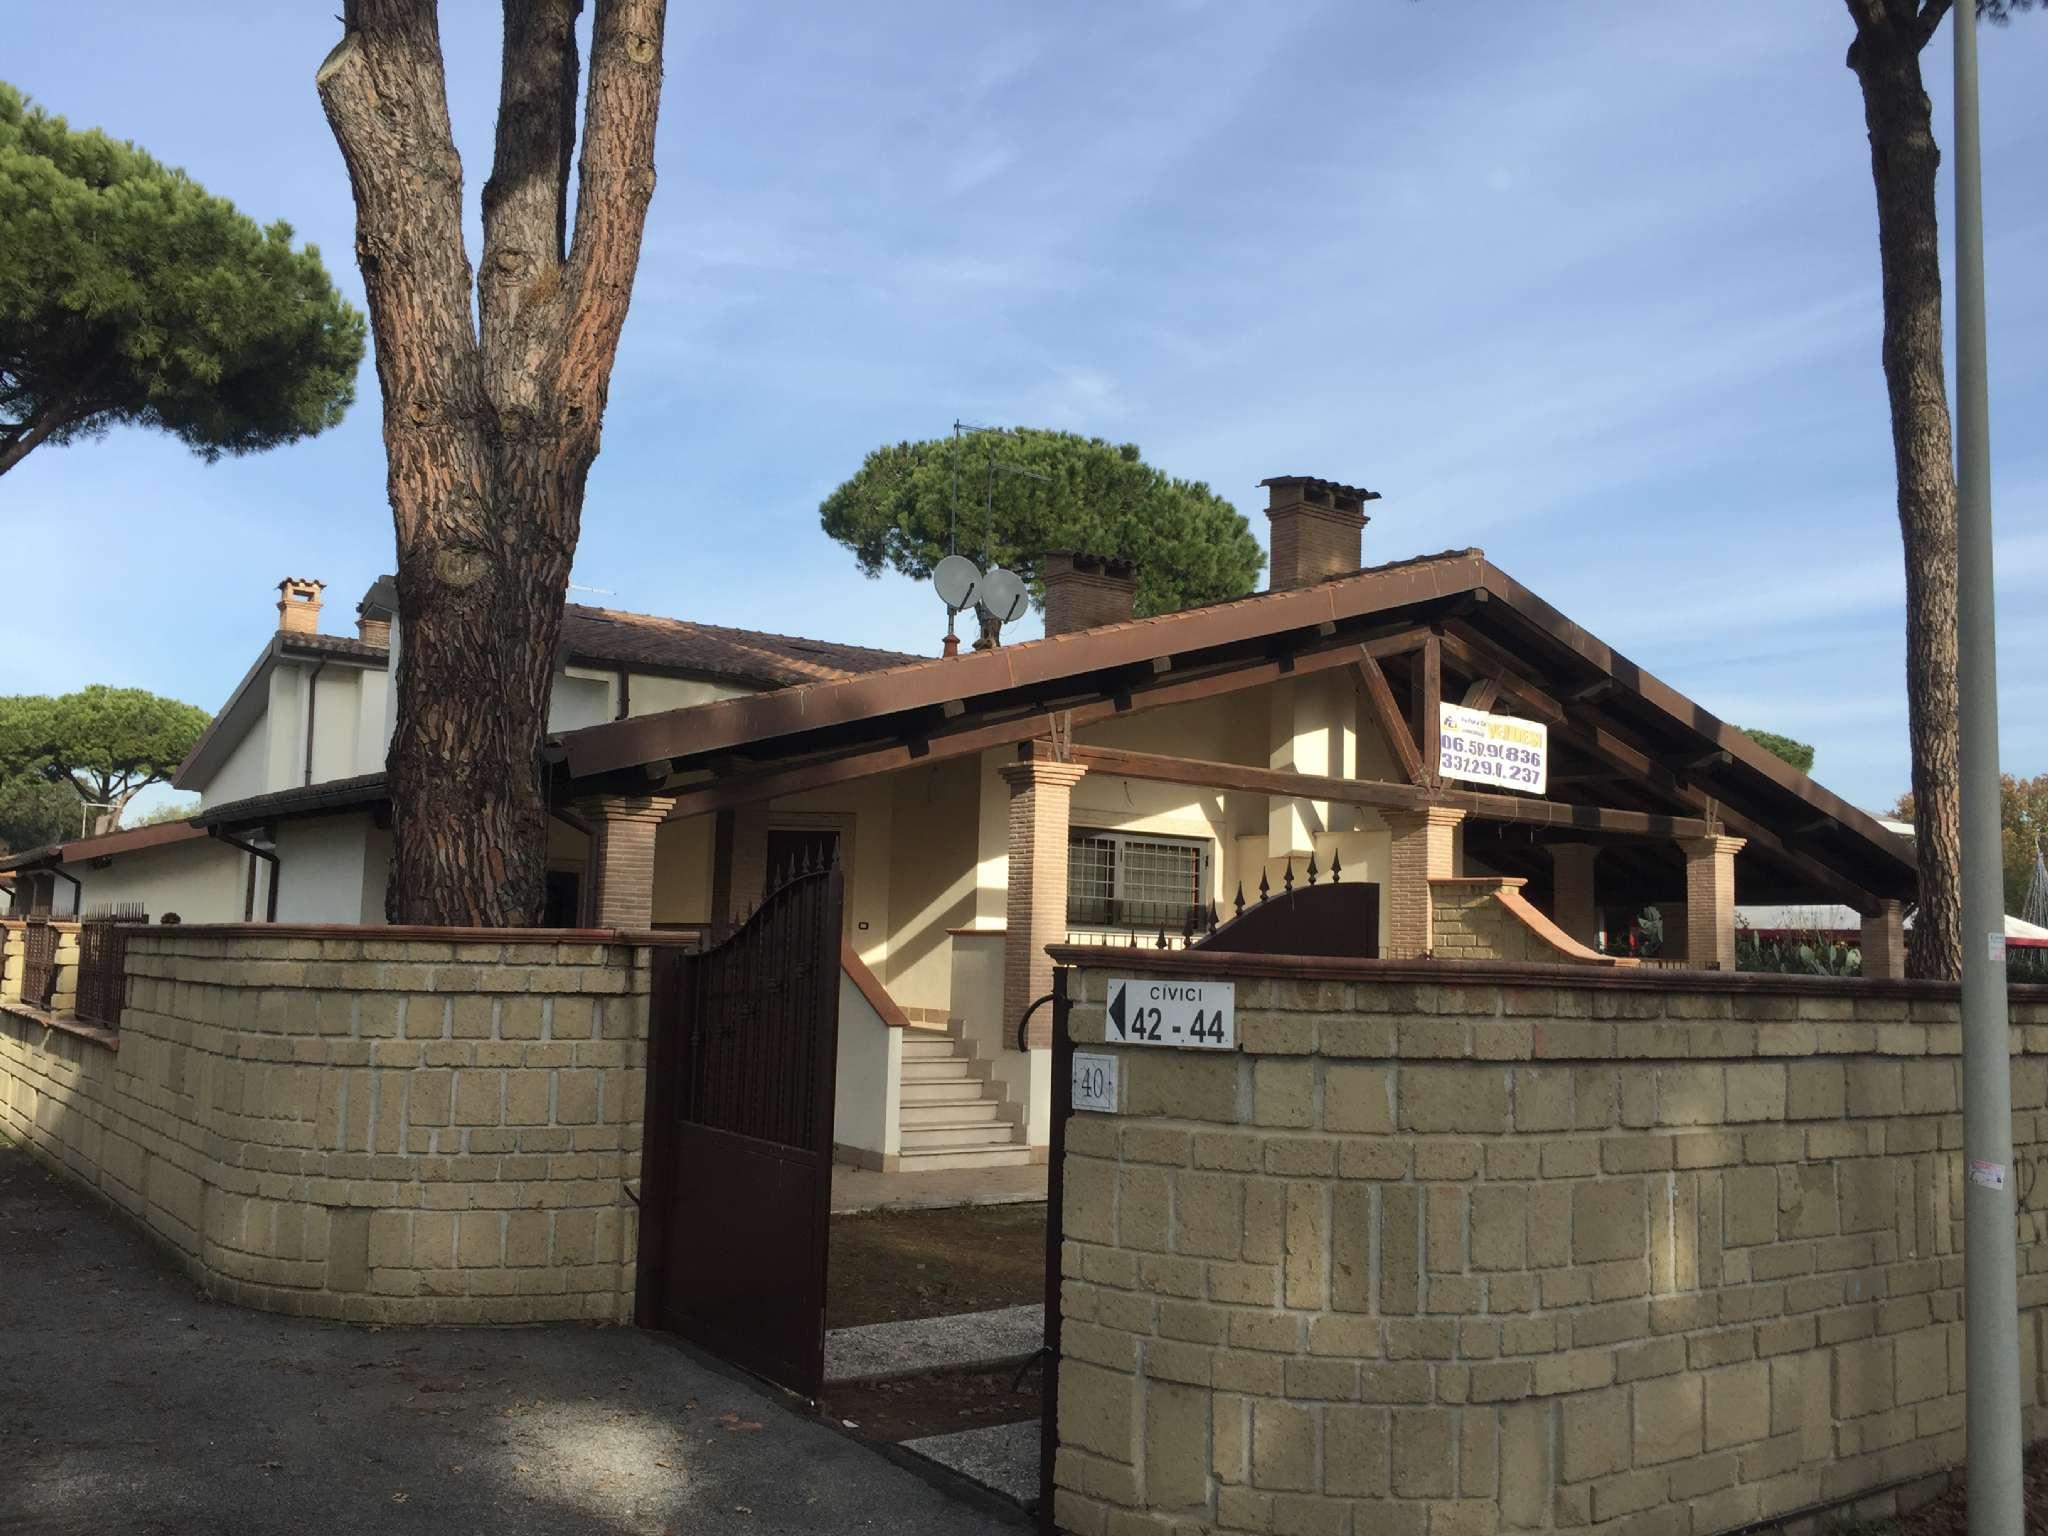 Villa Quadrifamiliare in vendita  180 mq.  via villabassa Roma